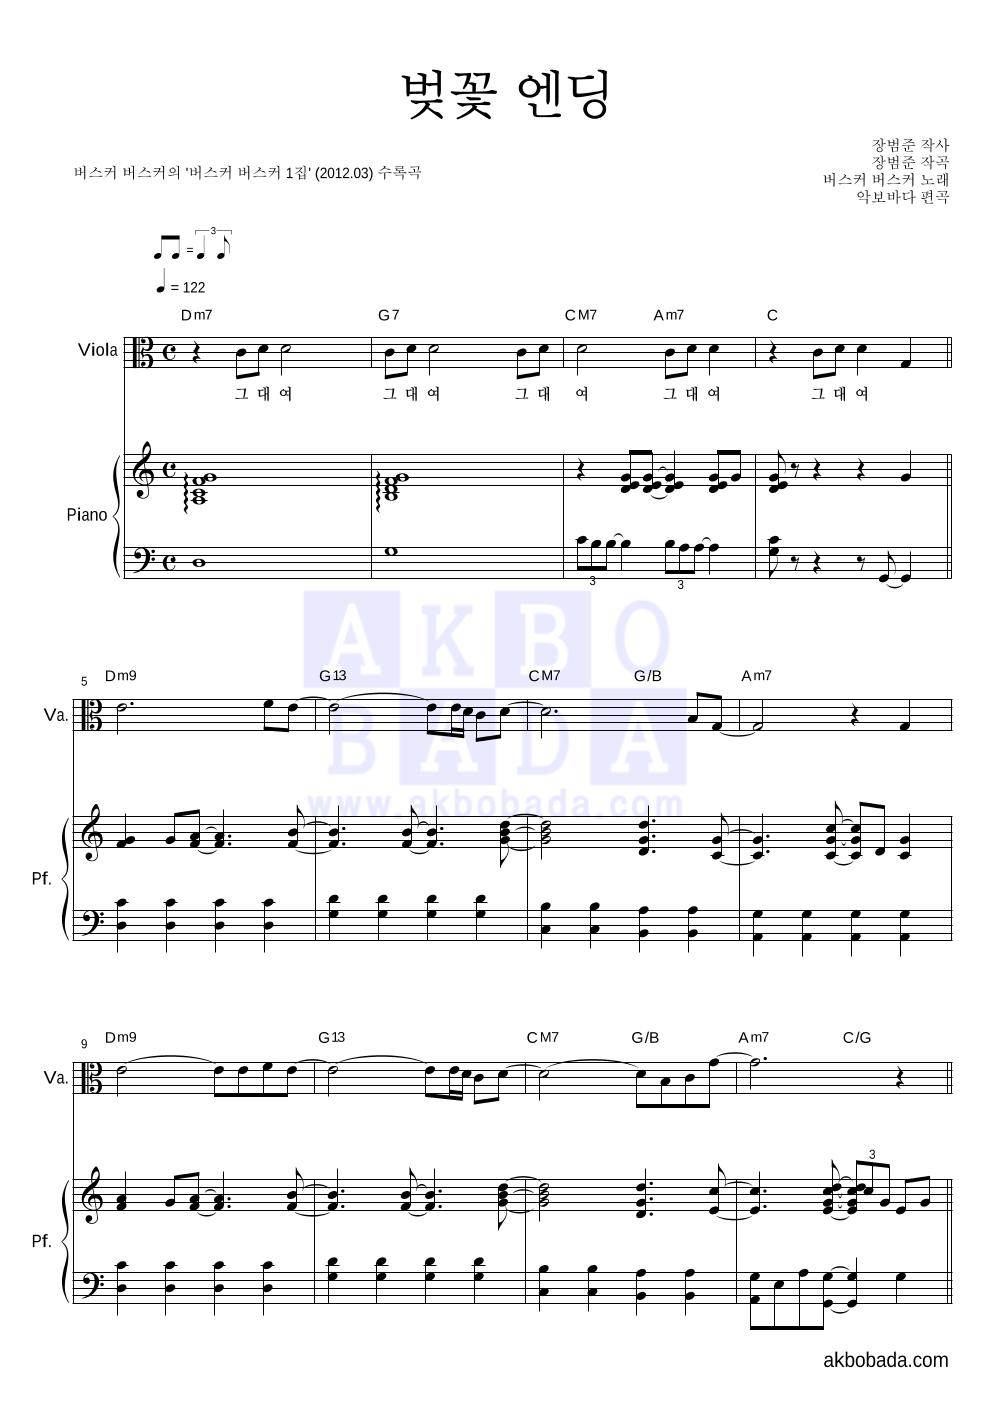 버스커 버스커 - 벚꽃 엔딩 비올라&피아노 악보